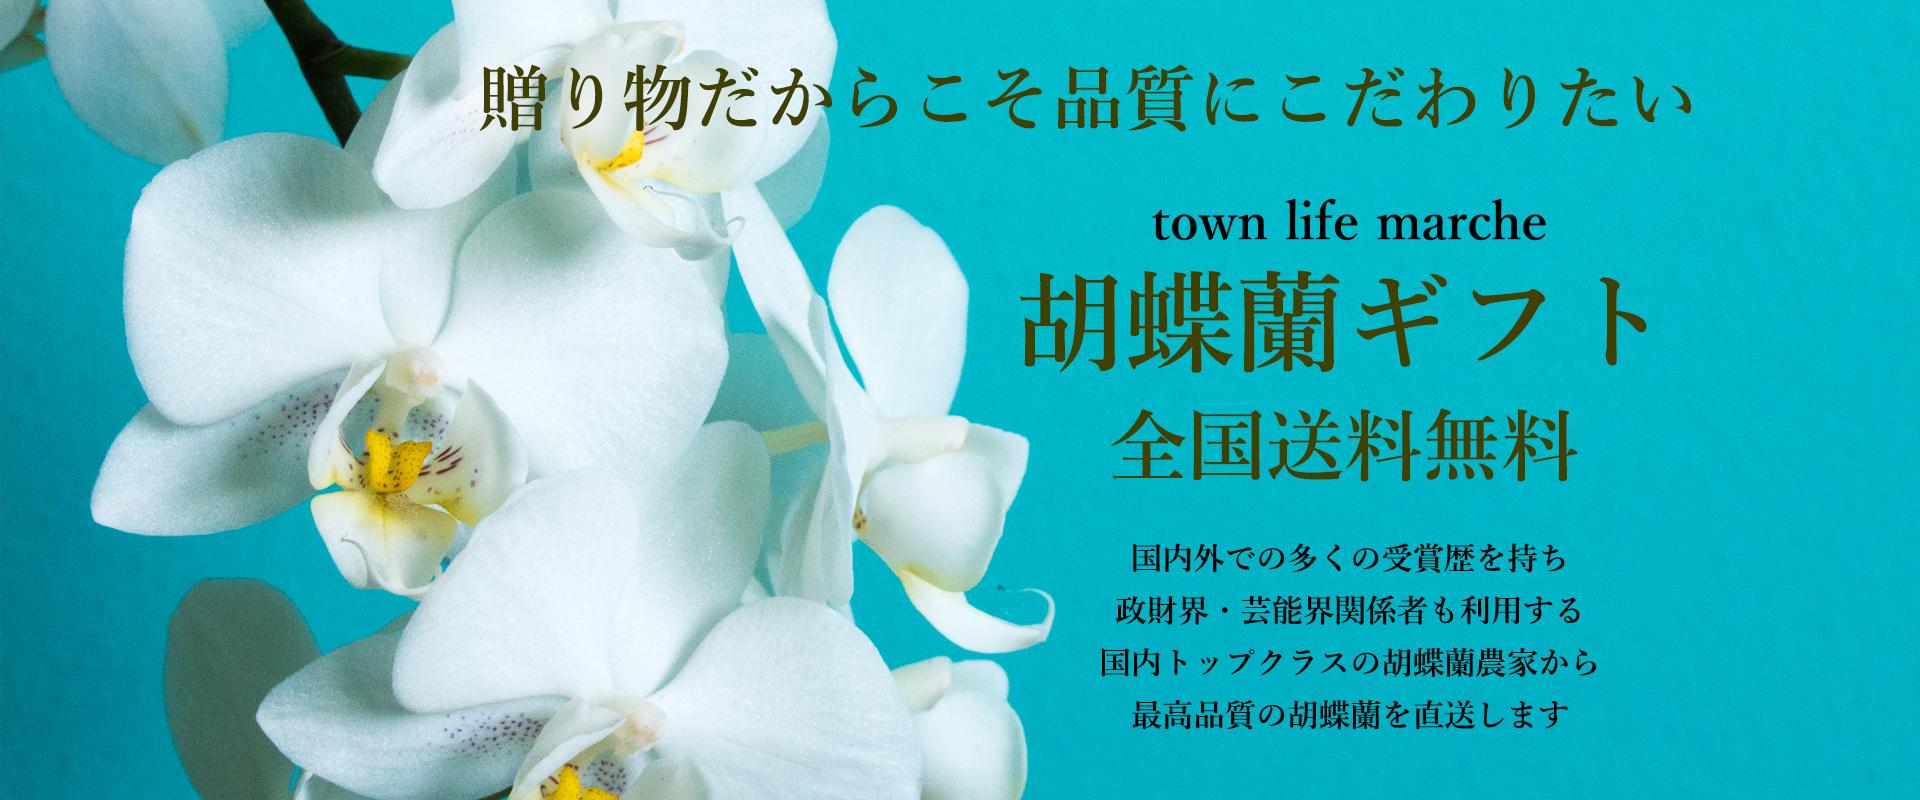 贈り物だからこそ品質にこだわりたい town life marcheの胡蝶蘭ギフト 送料無料